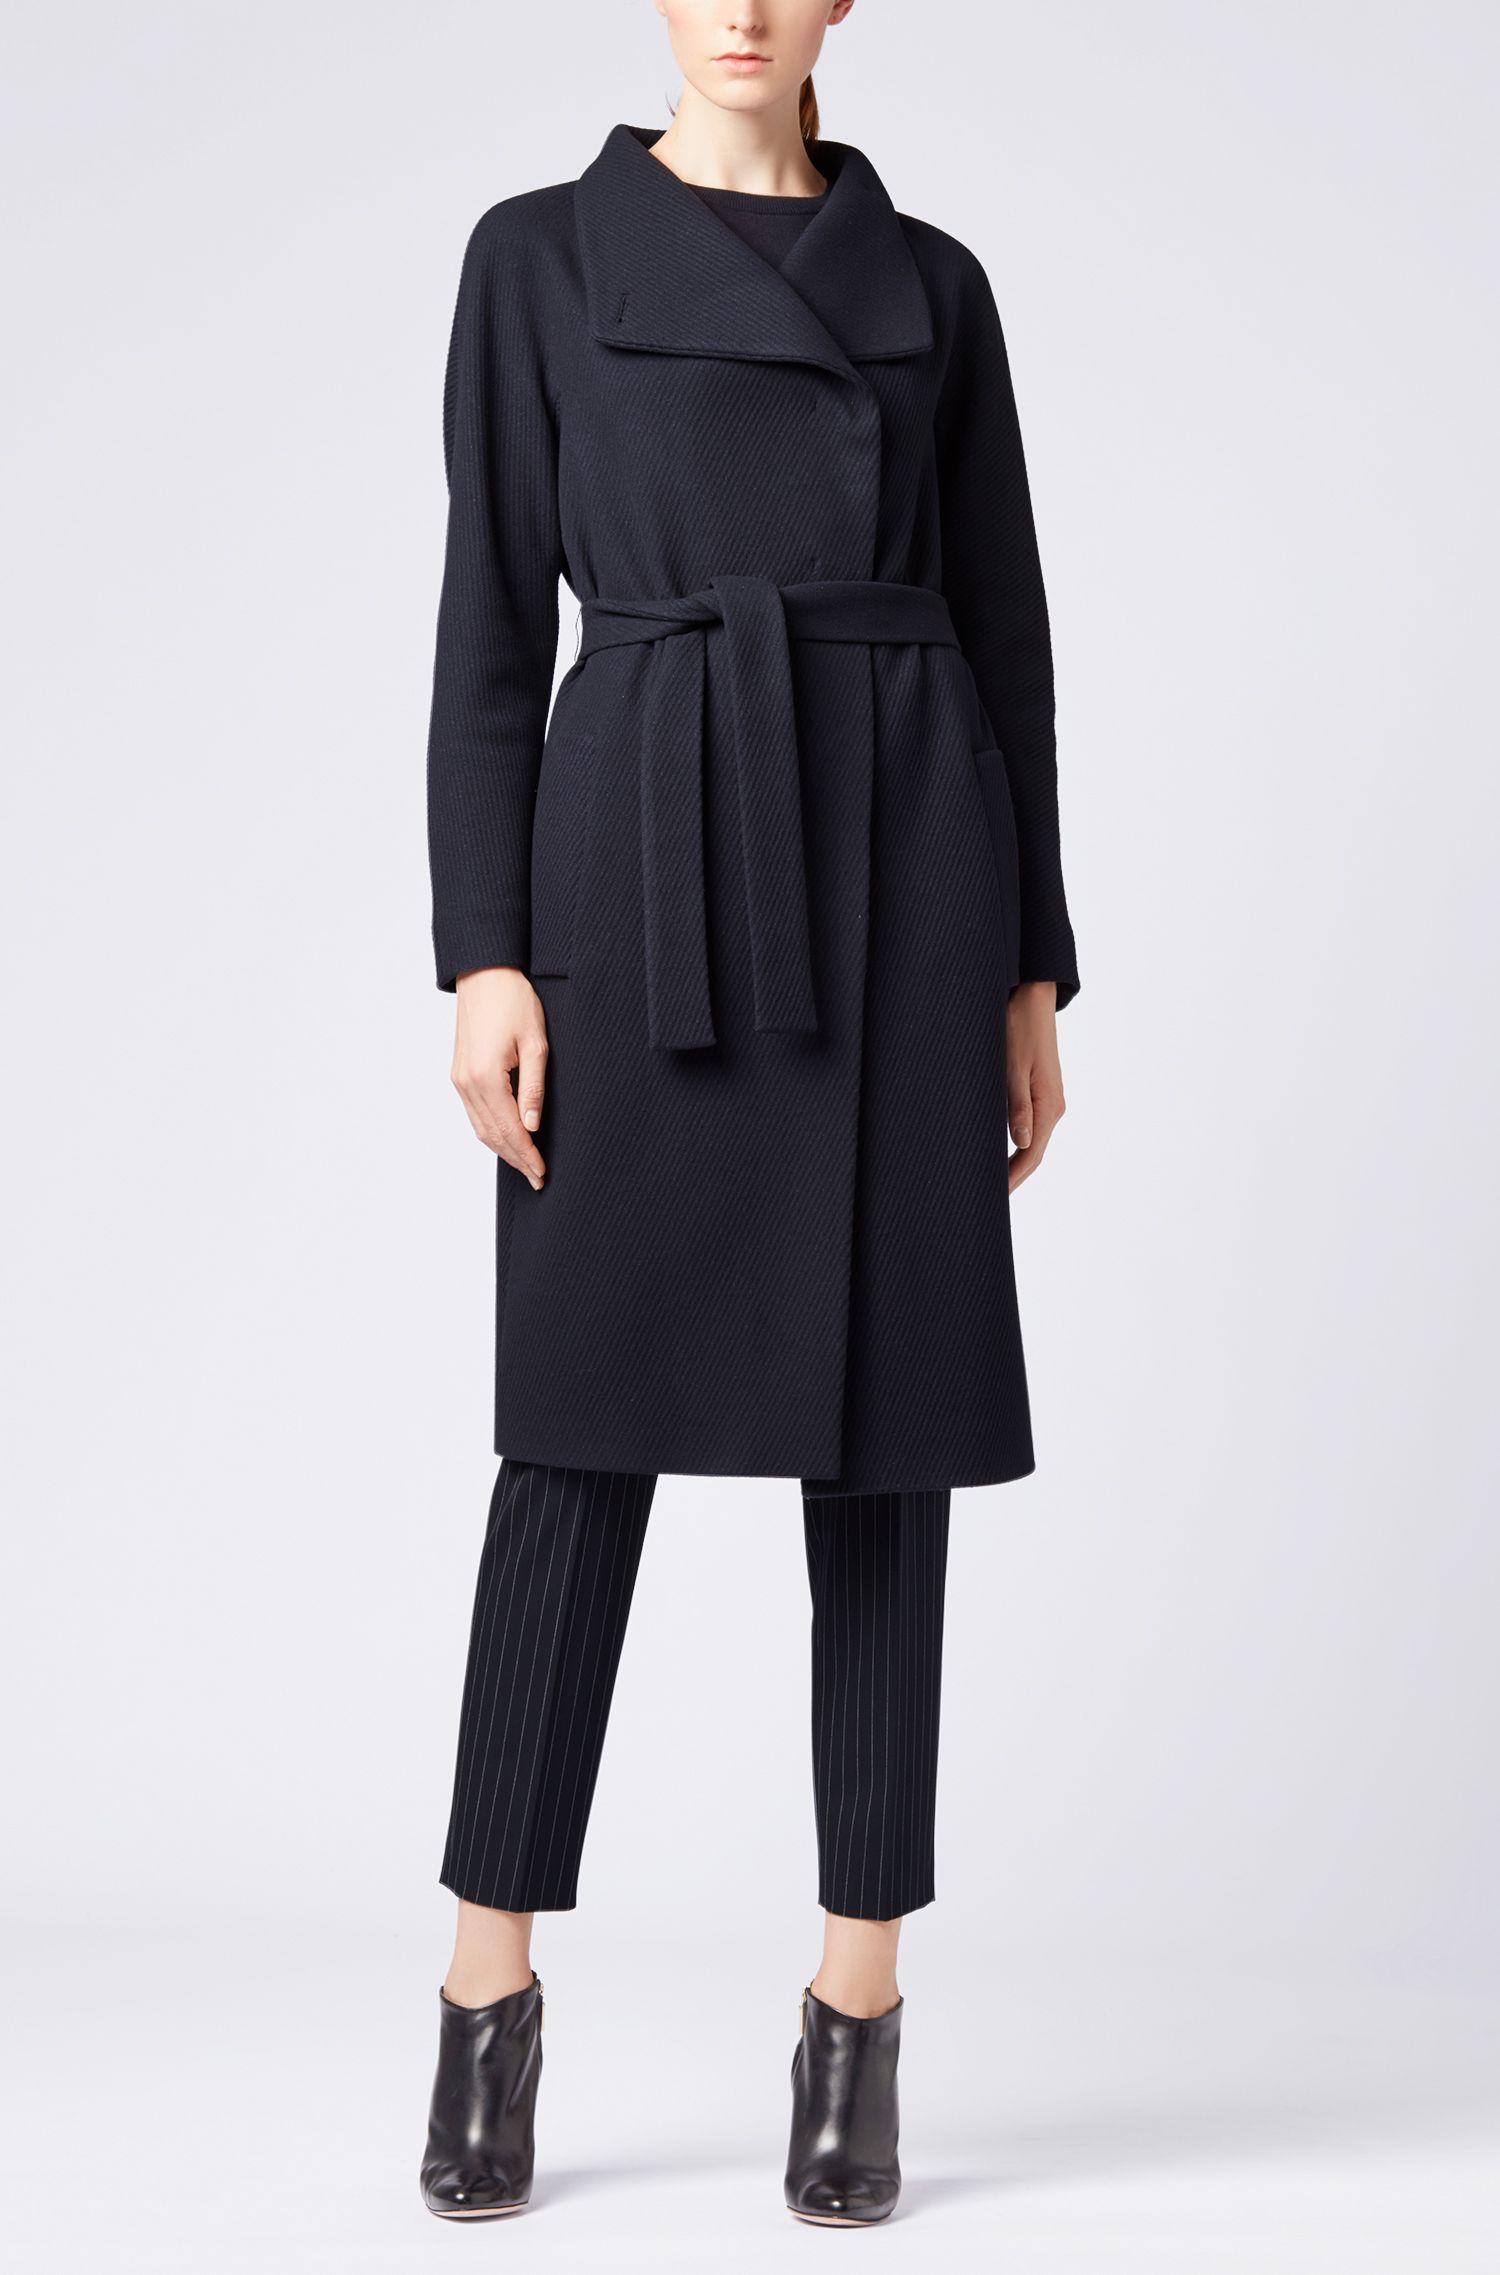 Cappotto a vestaglia in misto lana vergine con cashmere